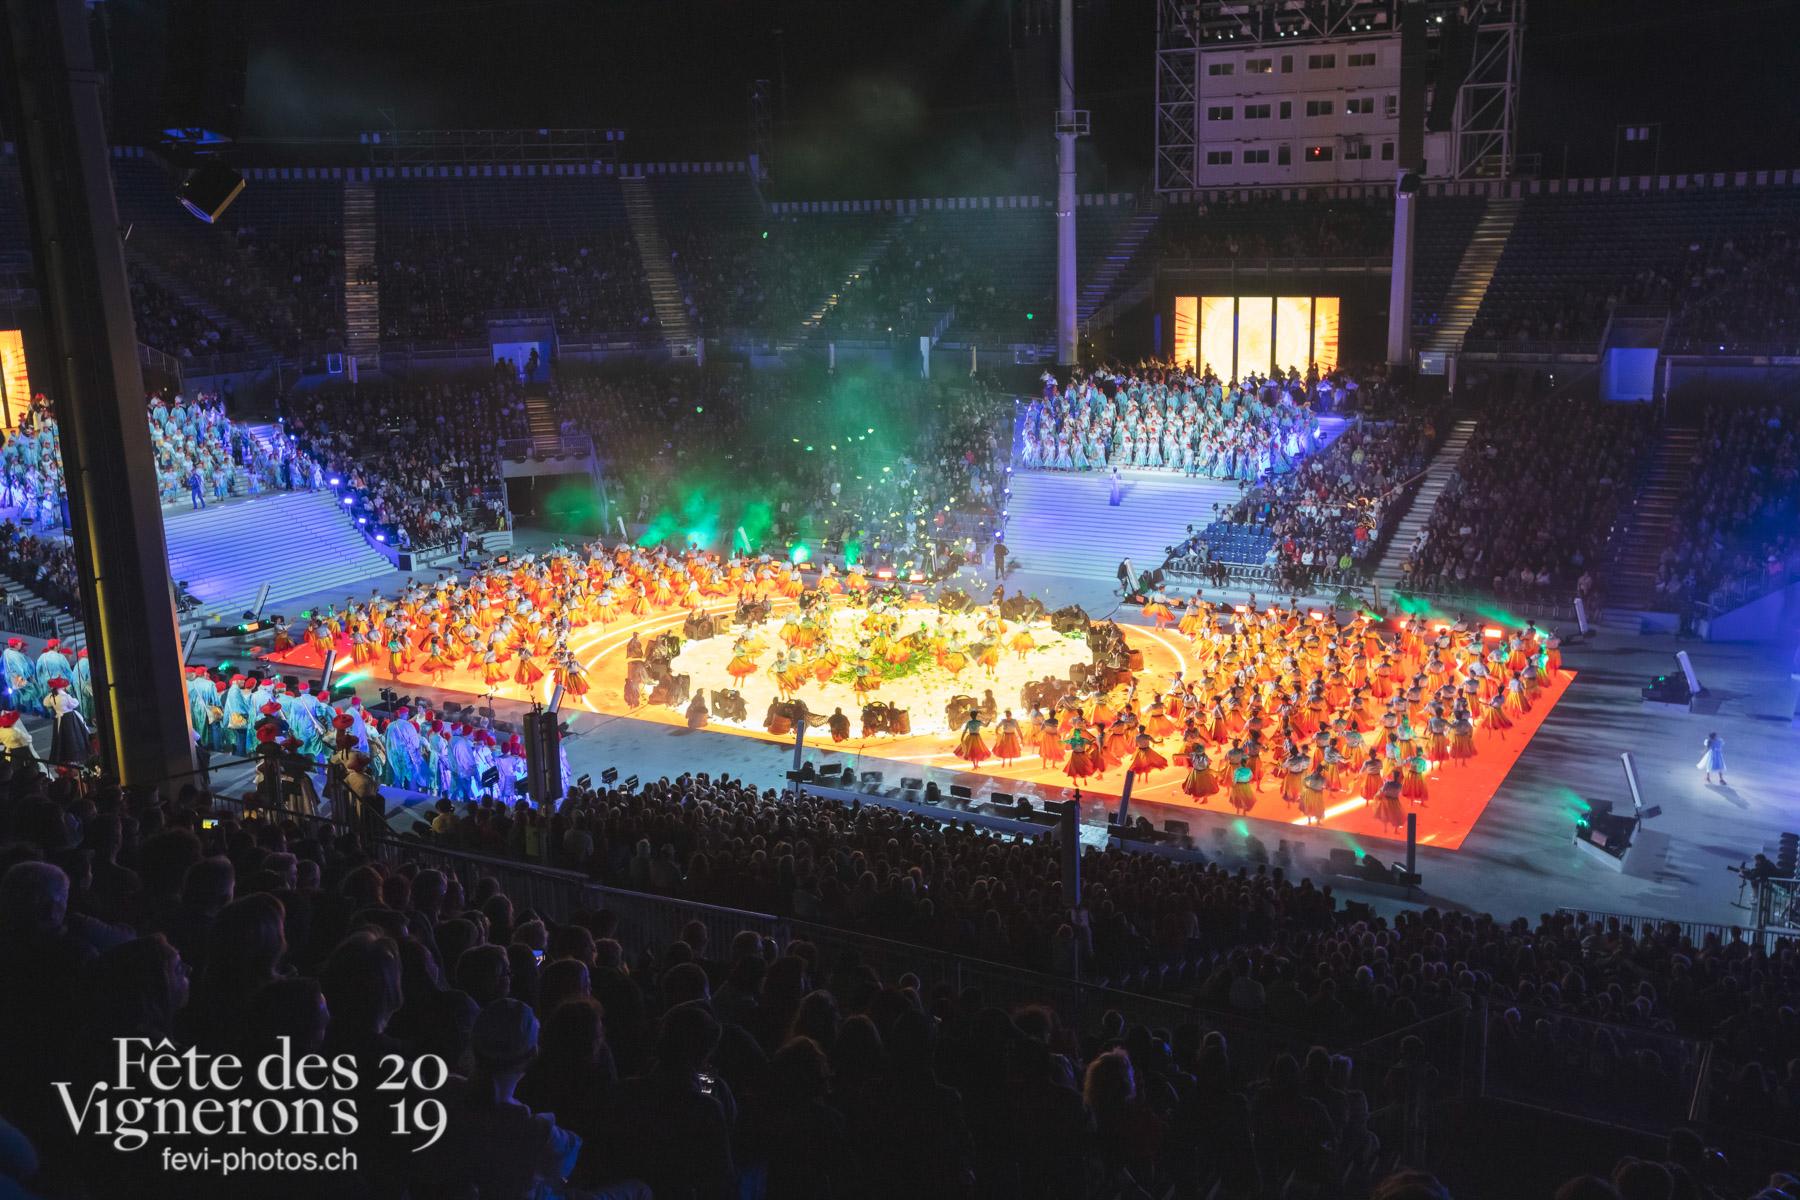 FeVi2019 à l'OLMA 2018 - Arène, Bourgeons, repetition generales. Photographes de la Fête des Vignerons 2019